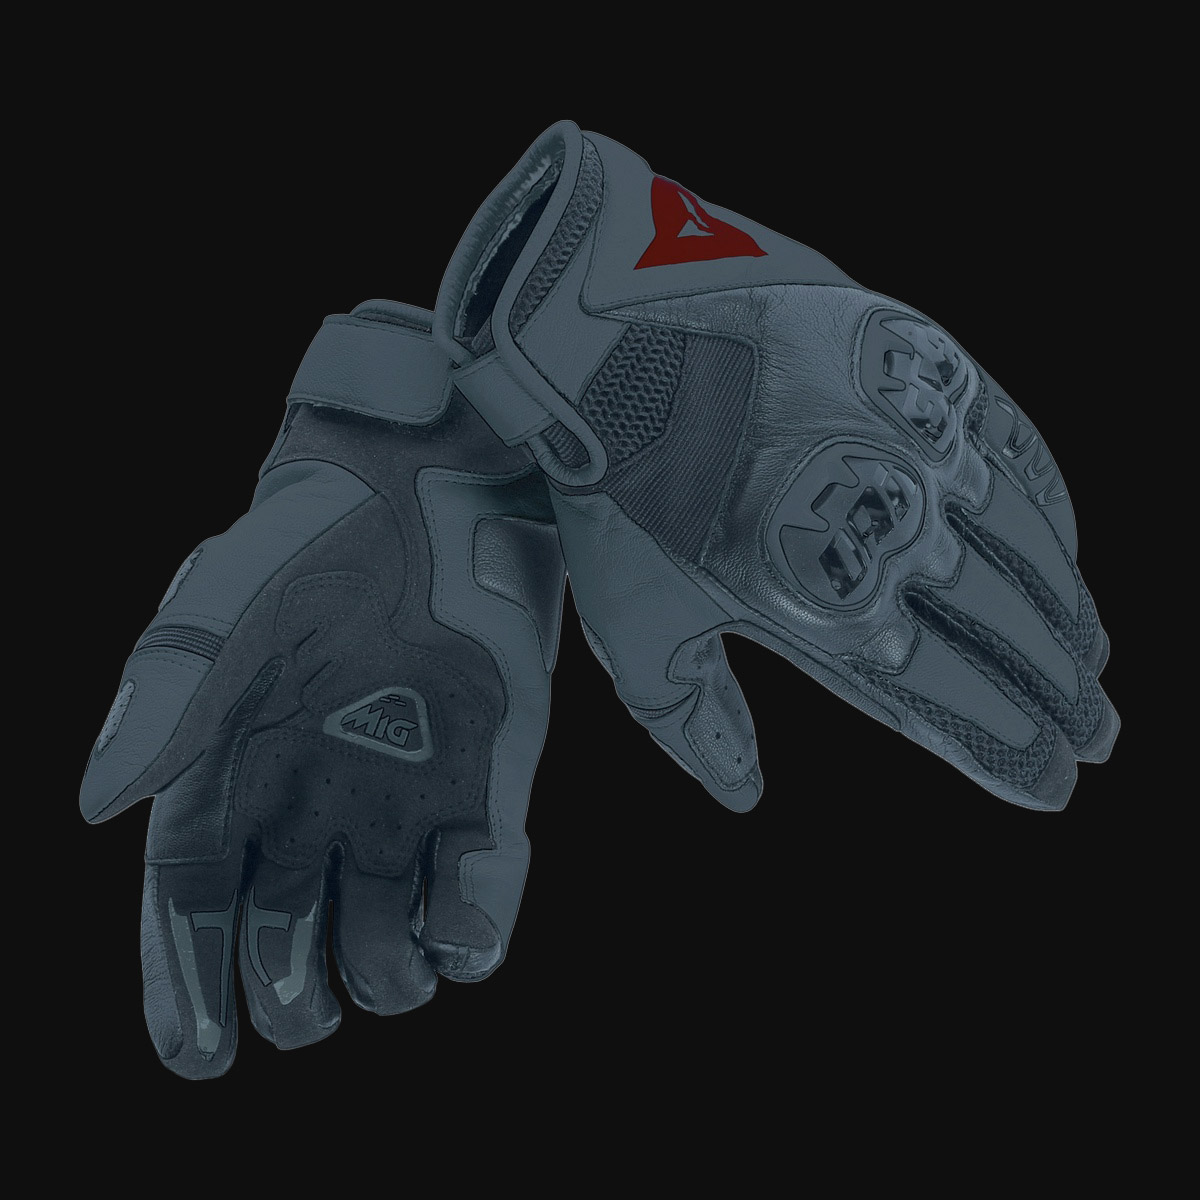 Dainese-Mig-C2-Unisex-Gloves